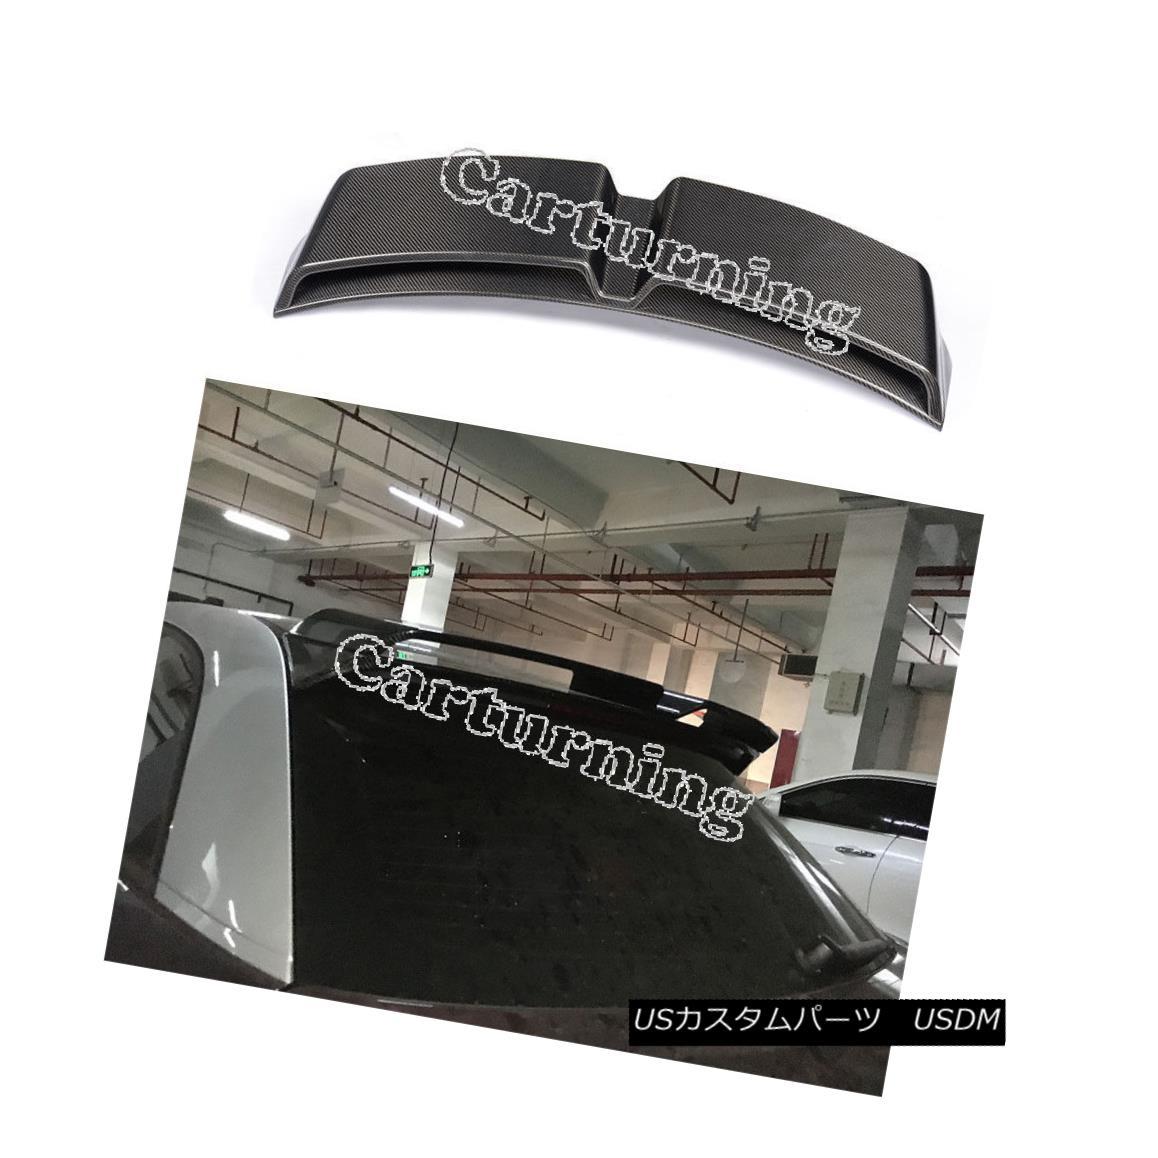 エアロパーツ Carbon Fiber Rear Roof Spoiler Trunk Boot Wing Lip Fit for Audi A1 2Door 10-14 Audi A1用カーボンファイバーリアルーフスポイラートランクブーツウィングリップフィット